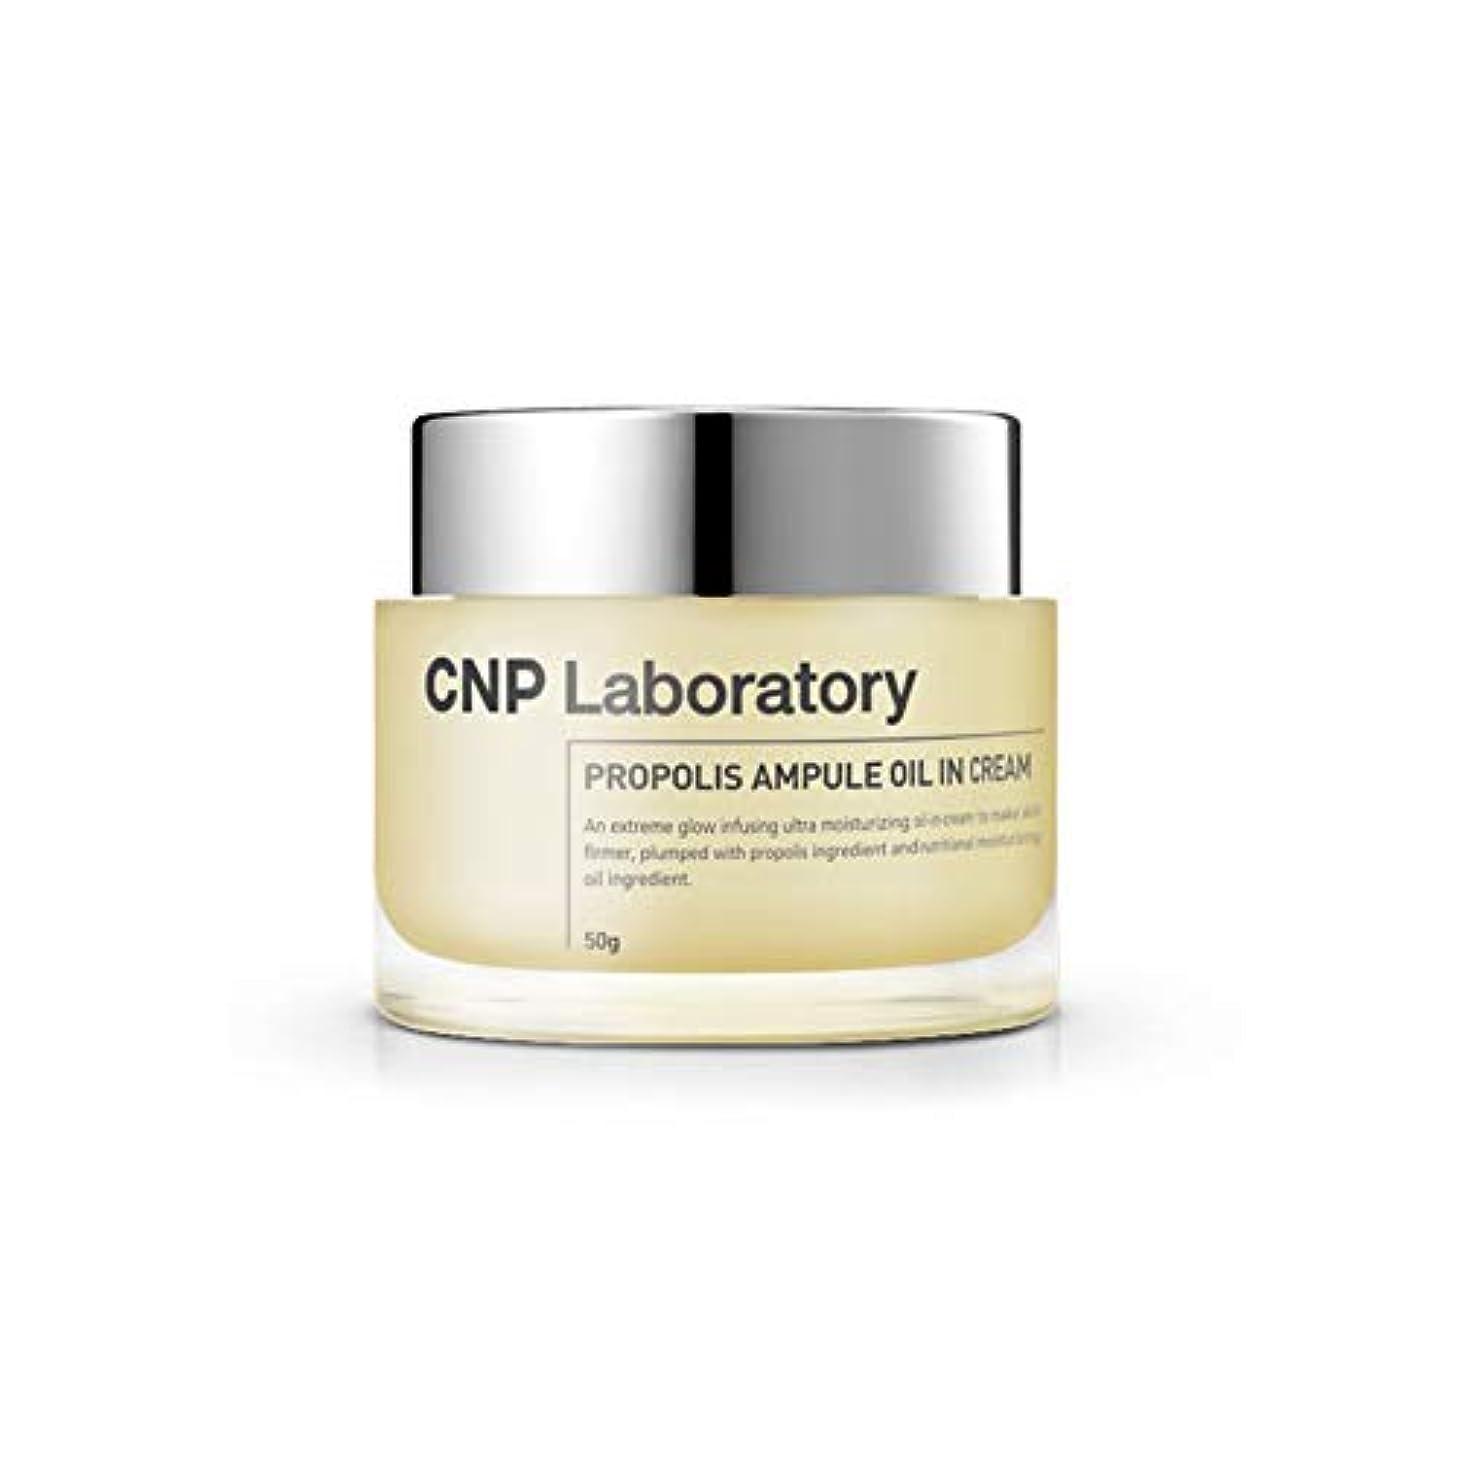 既にまもなく散髪[CNP Laboratory] CNP チャ&パク プロポリスアンプルオイルインクリーム 50g [海外直送品][並行輸入品]